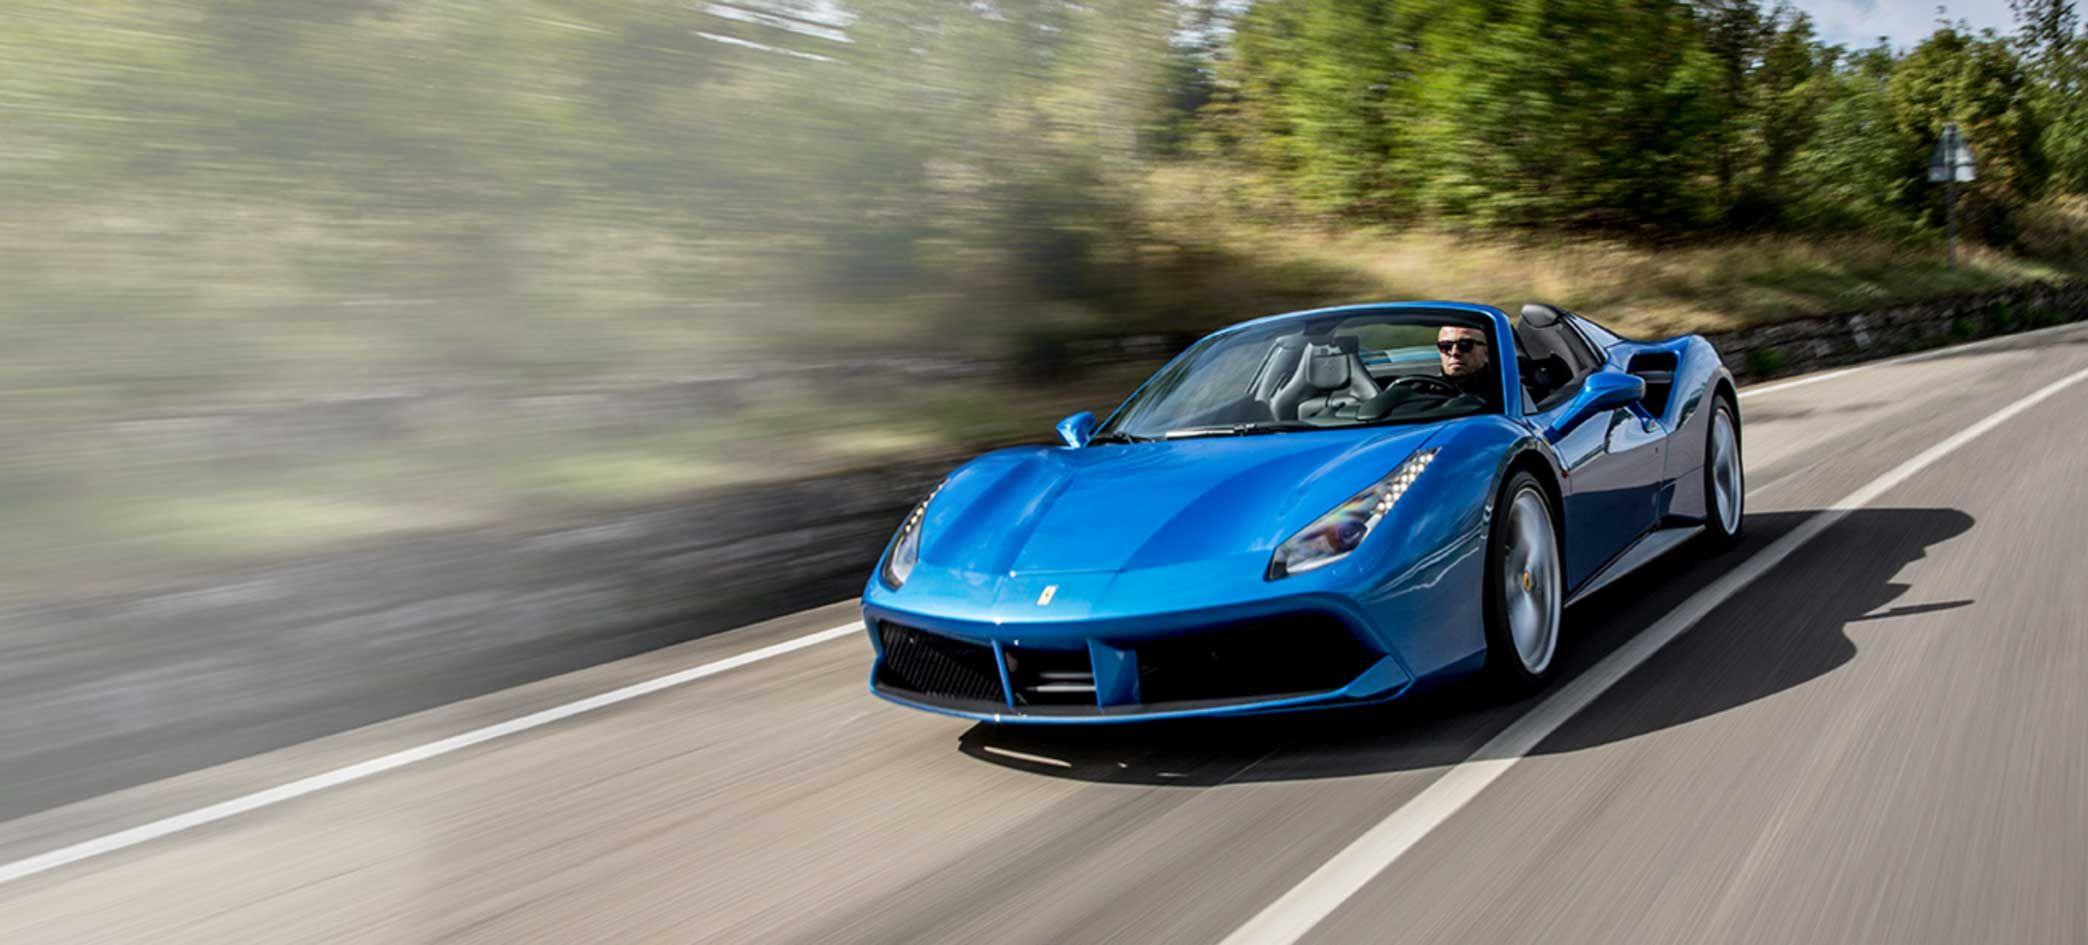 Ferrari Of Atlanta >> 488 Spider Ferrari Of Atlanta Top Atlanta Luxury Cars Ferrari